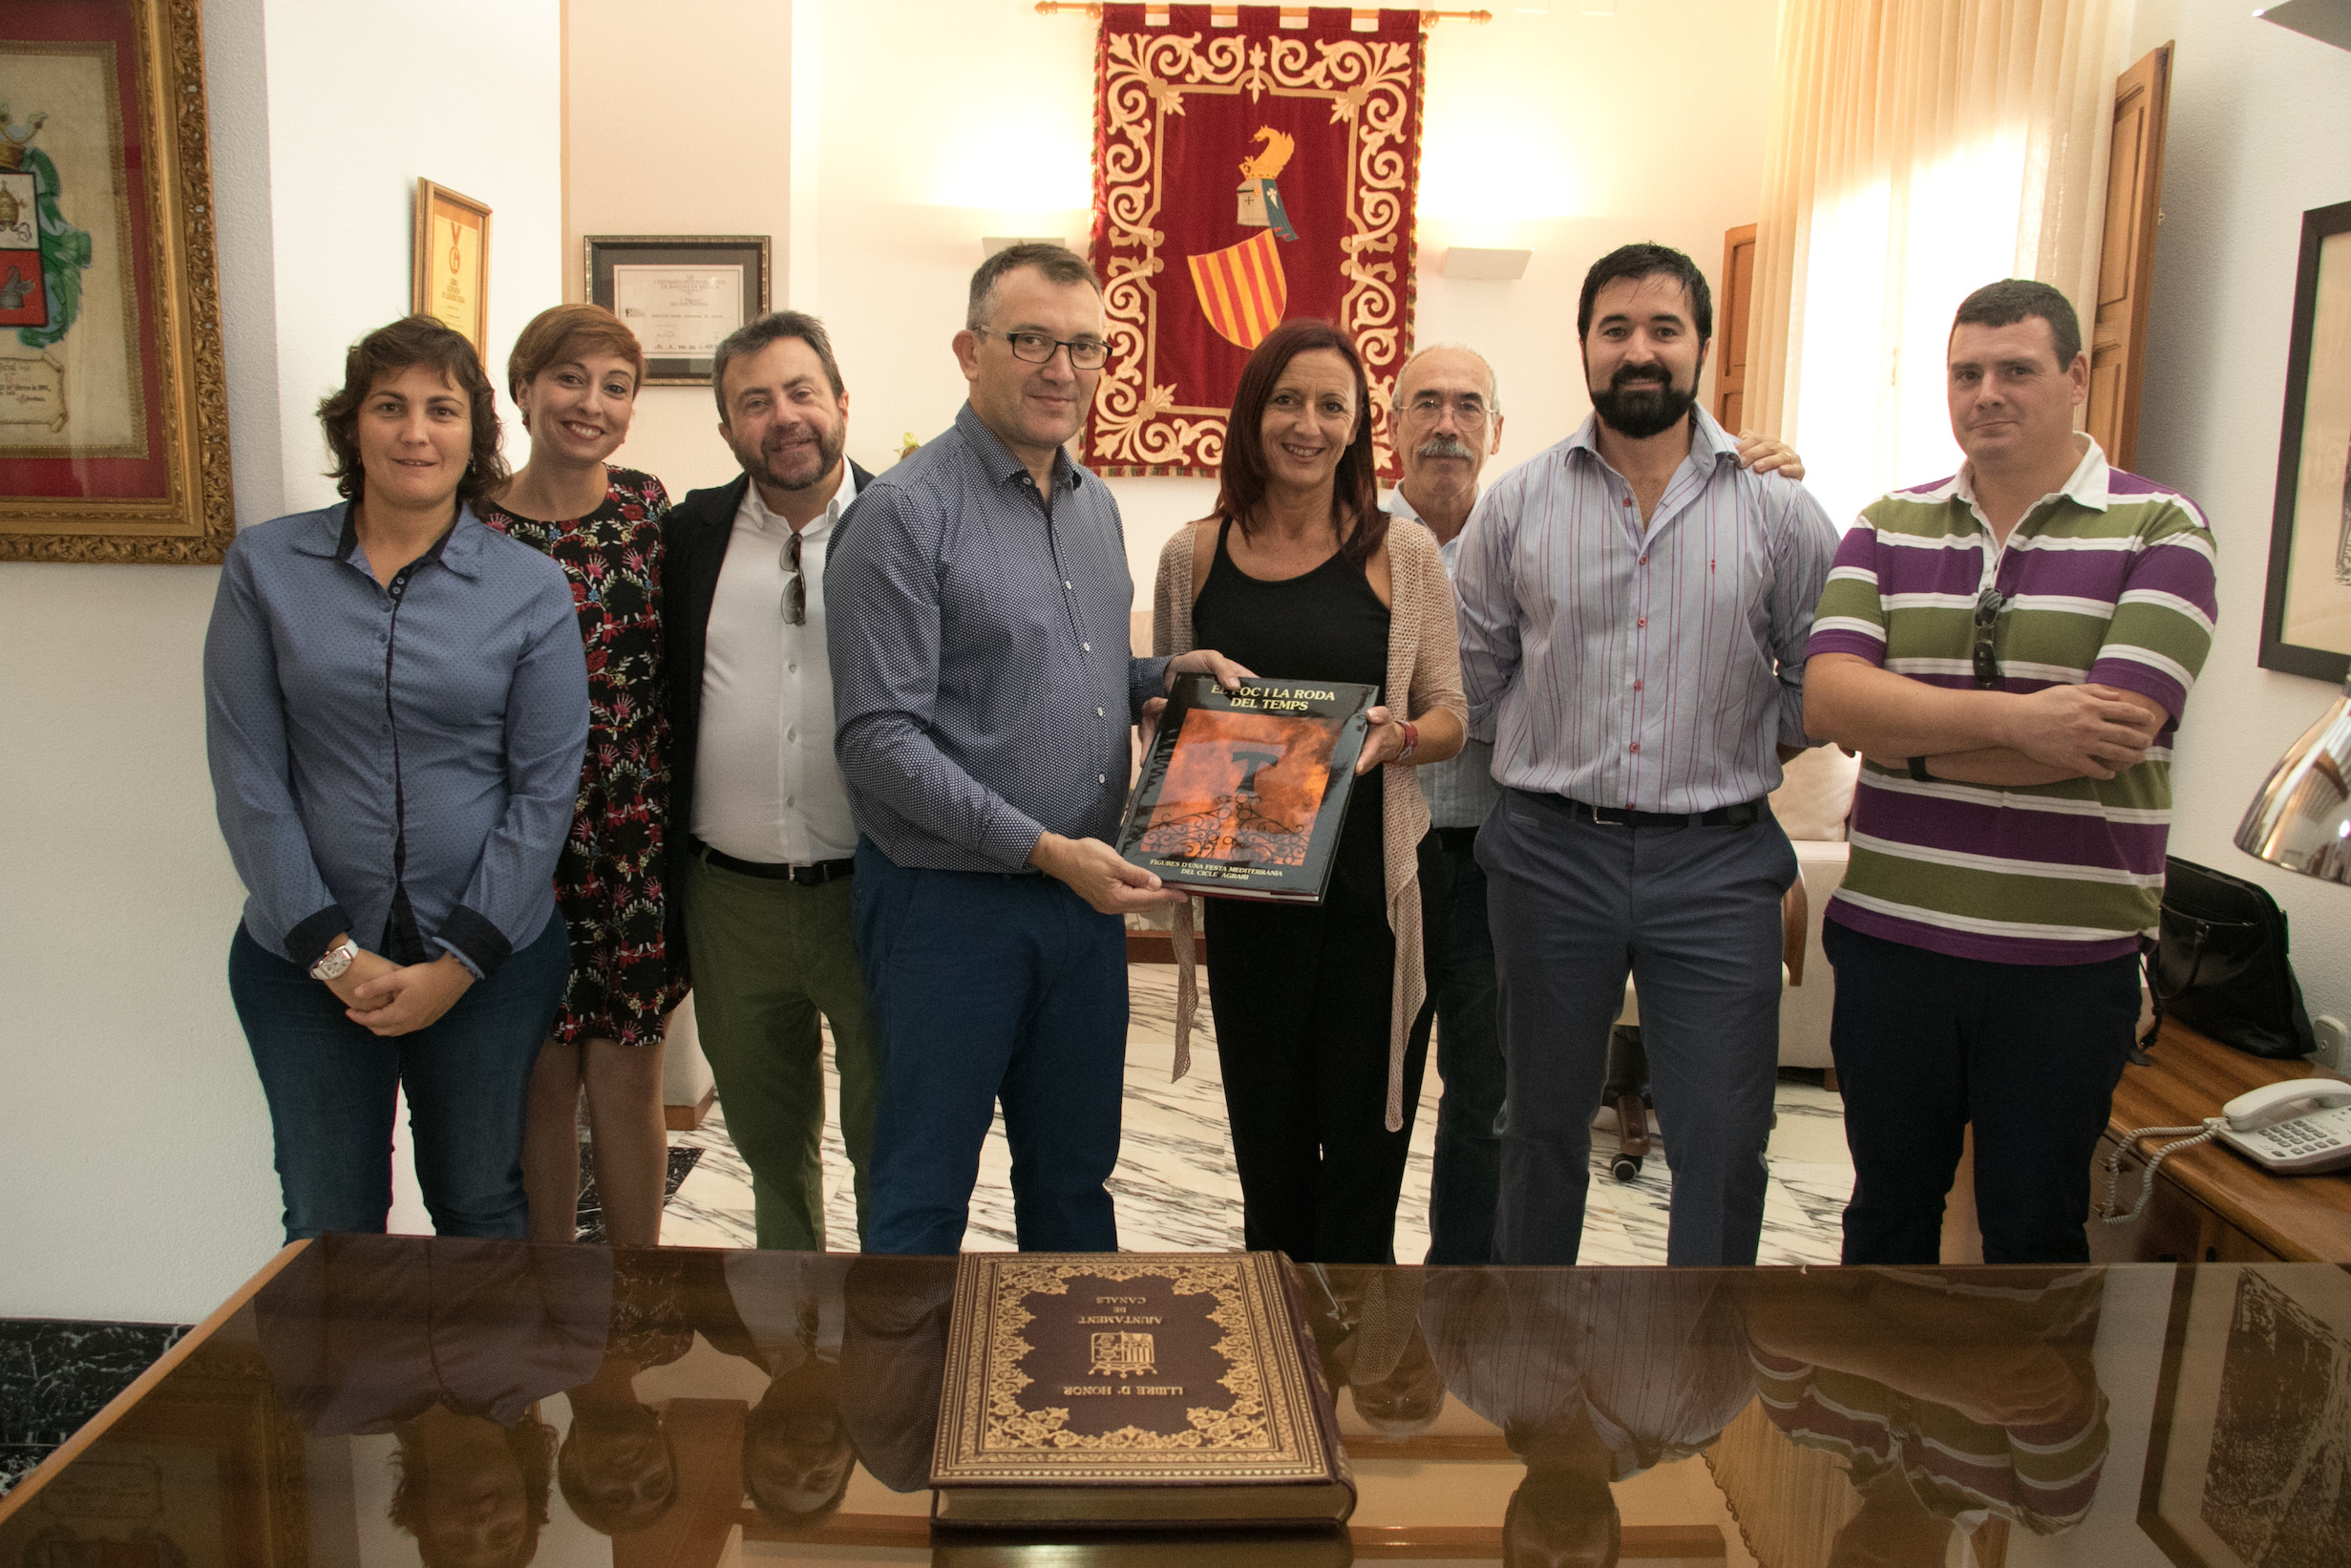 La vicepresidenta de la Diputación, Maria Josep Amigó, en su visita a Canals.